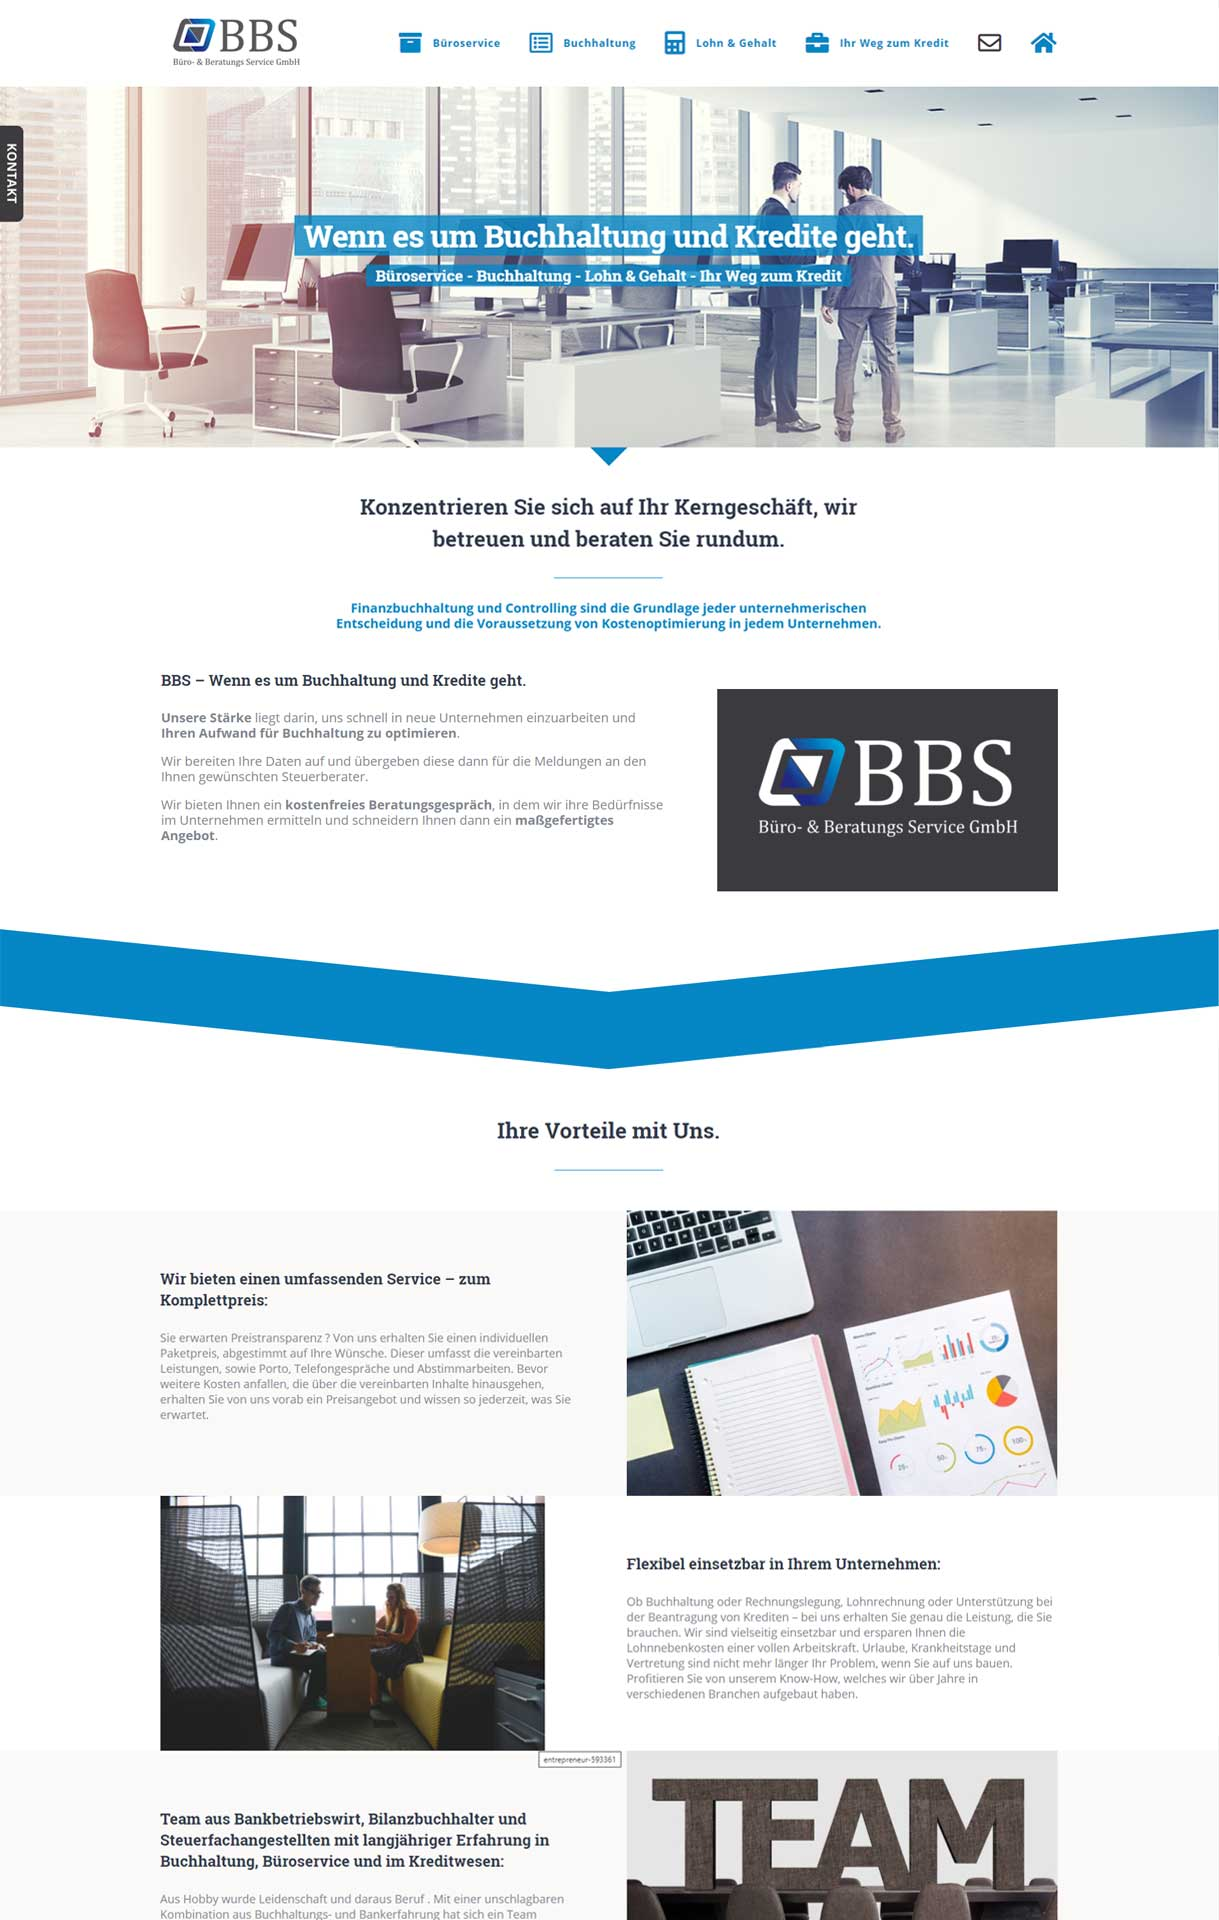 webdesign-flashlightmedia-werbeagentur-leipzig-grimma-startseite-bbs-webseite